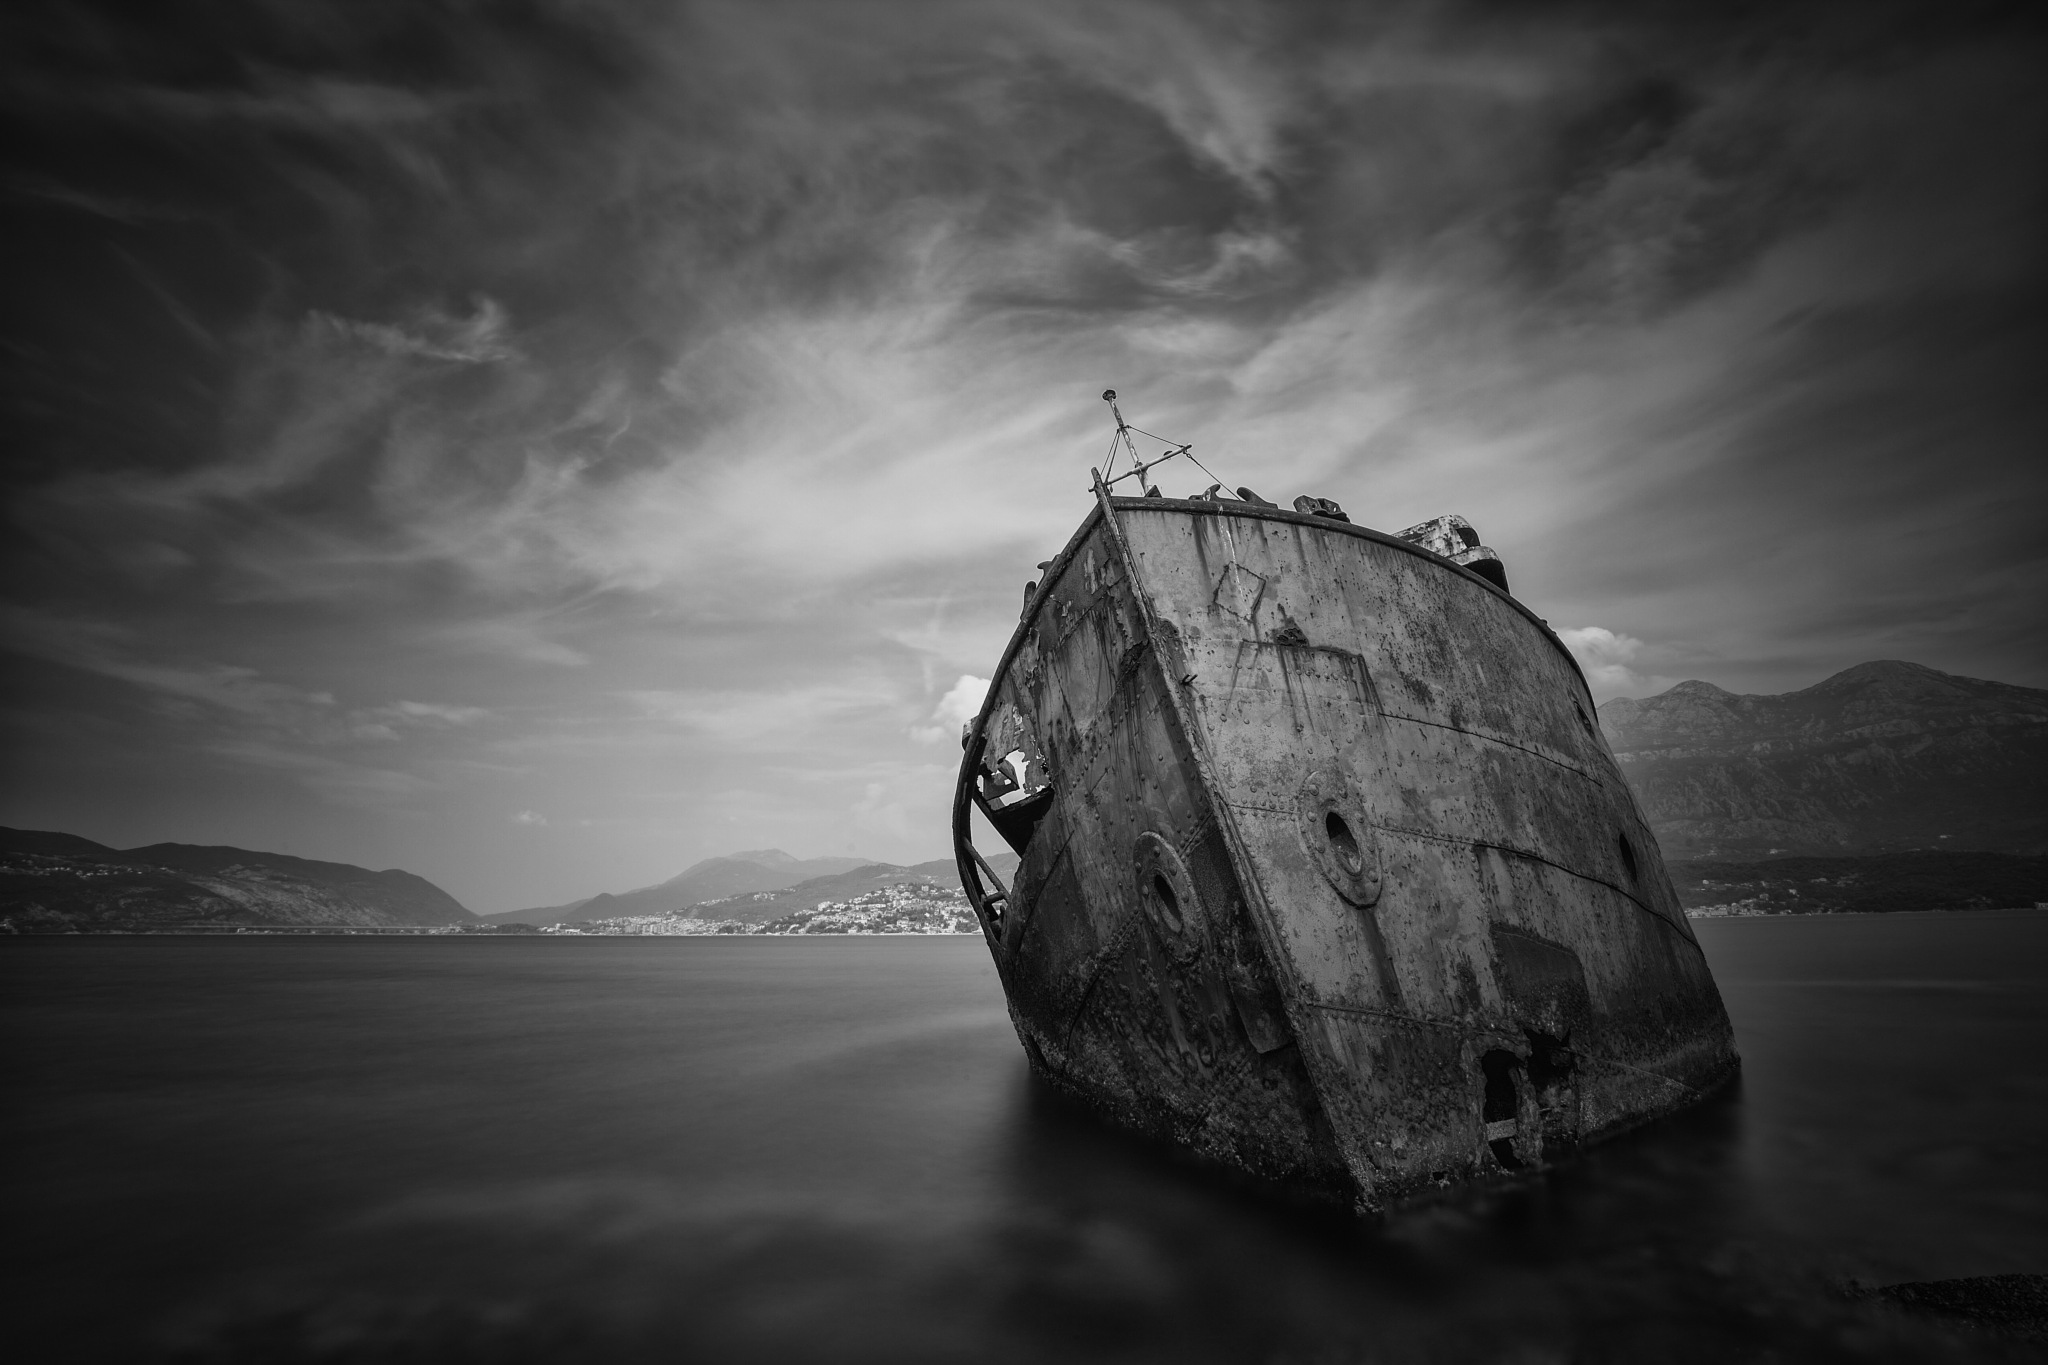 Sunken Dreams by stevankordic